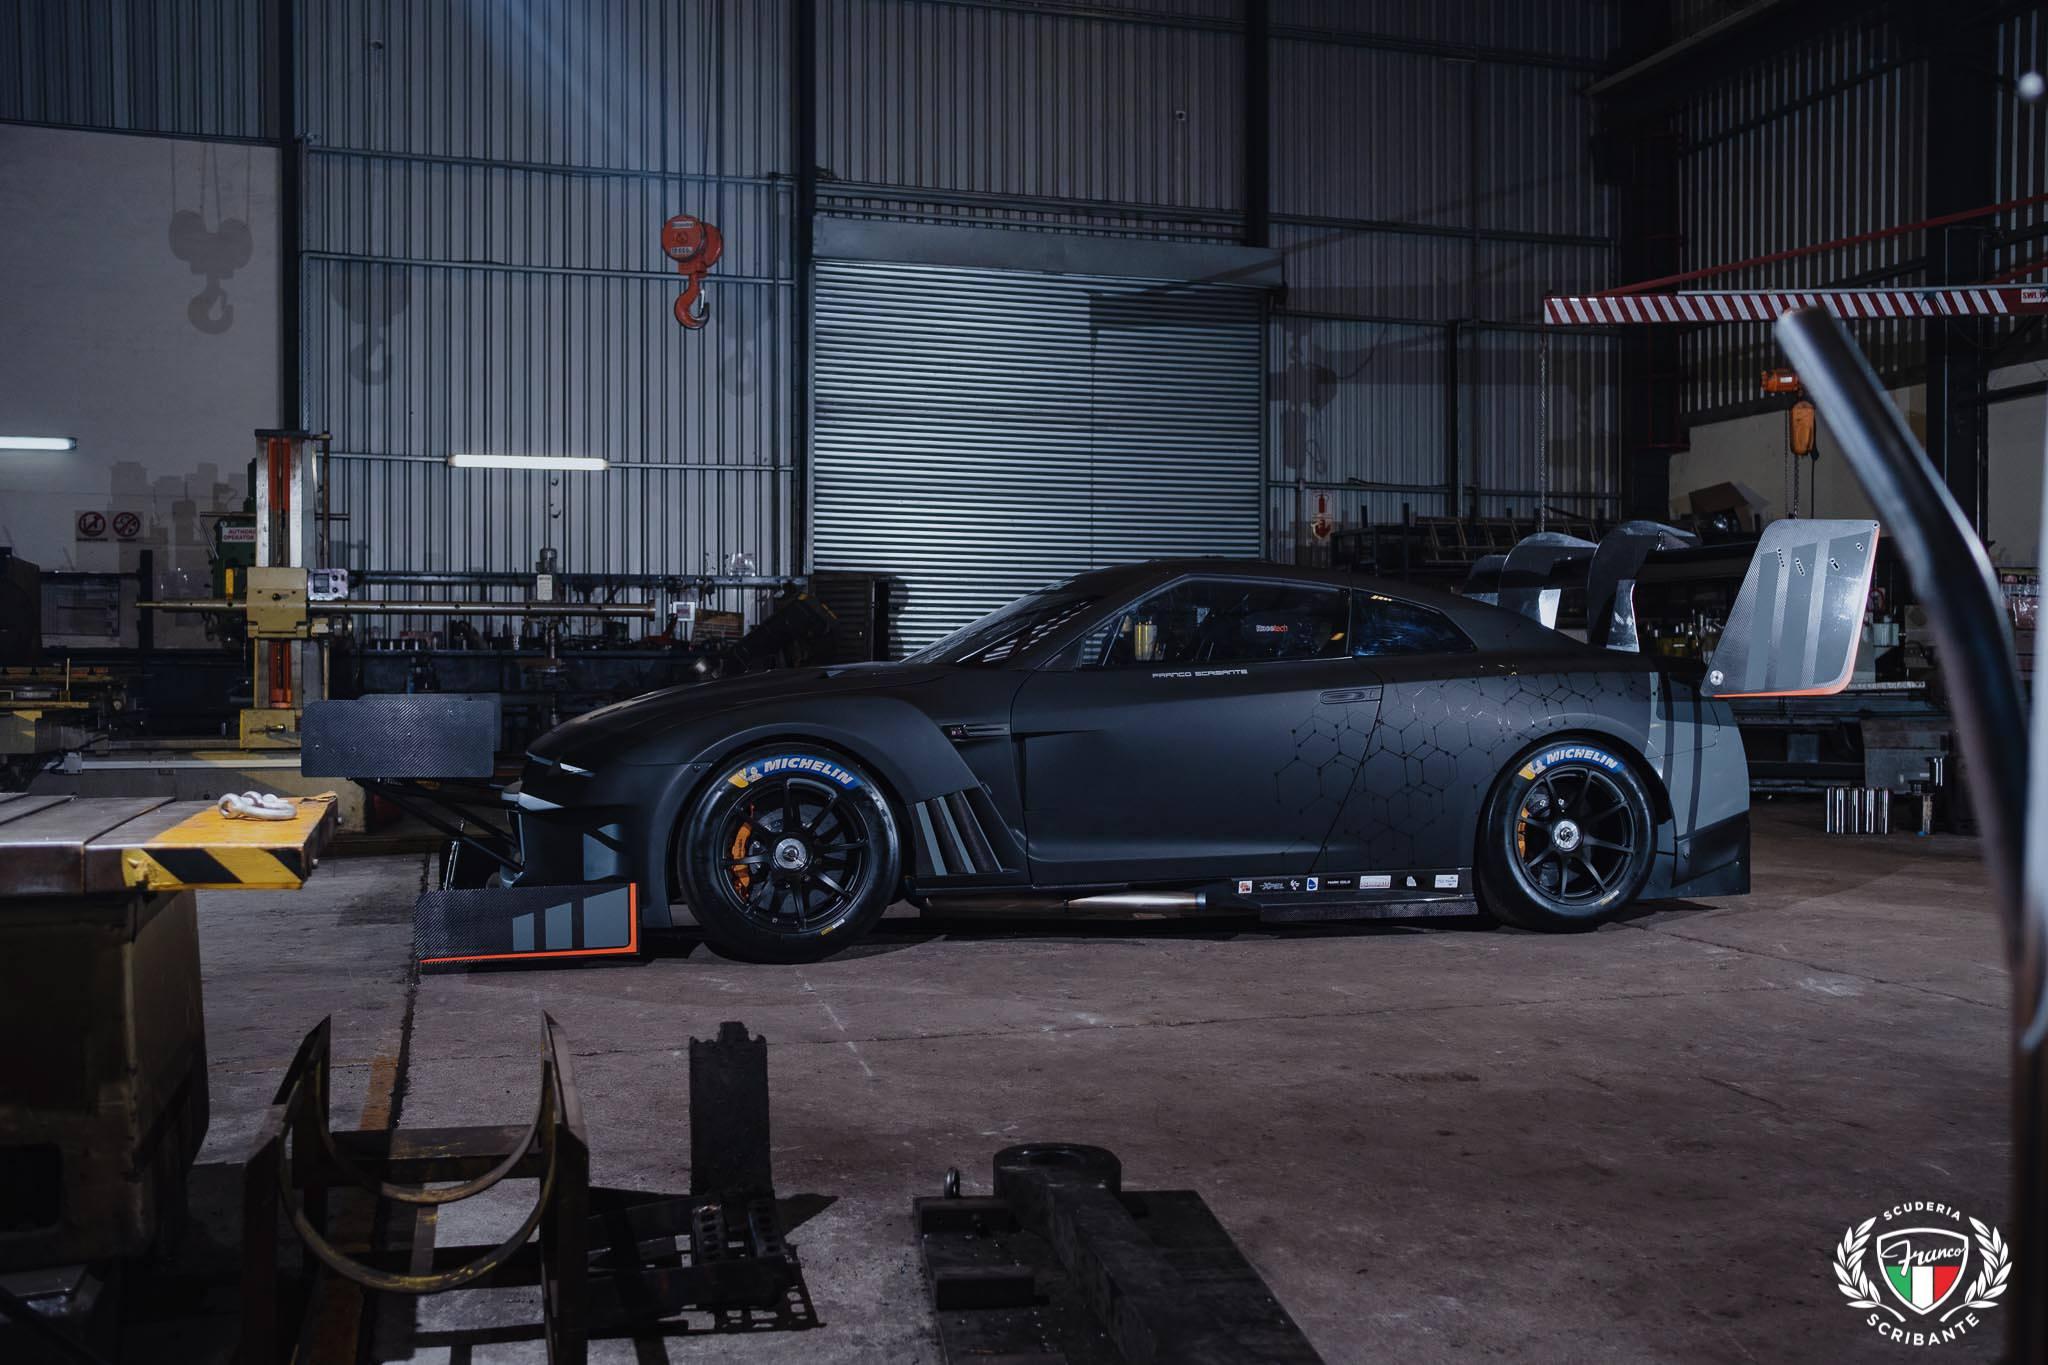 Nissan_GT-R_hillclimb_0005